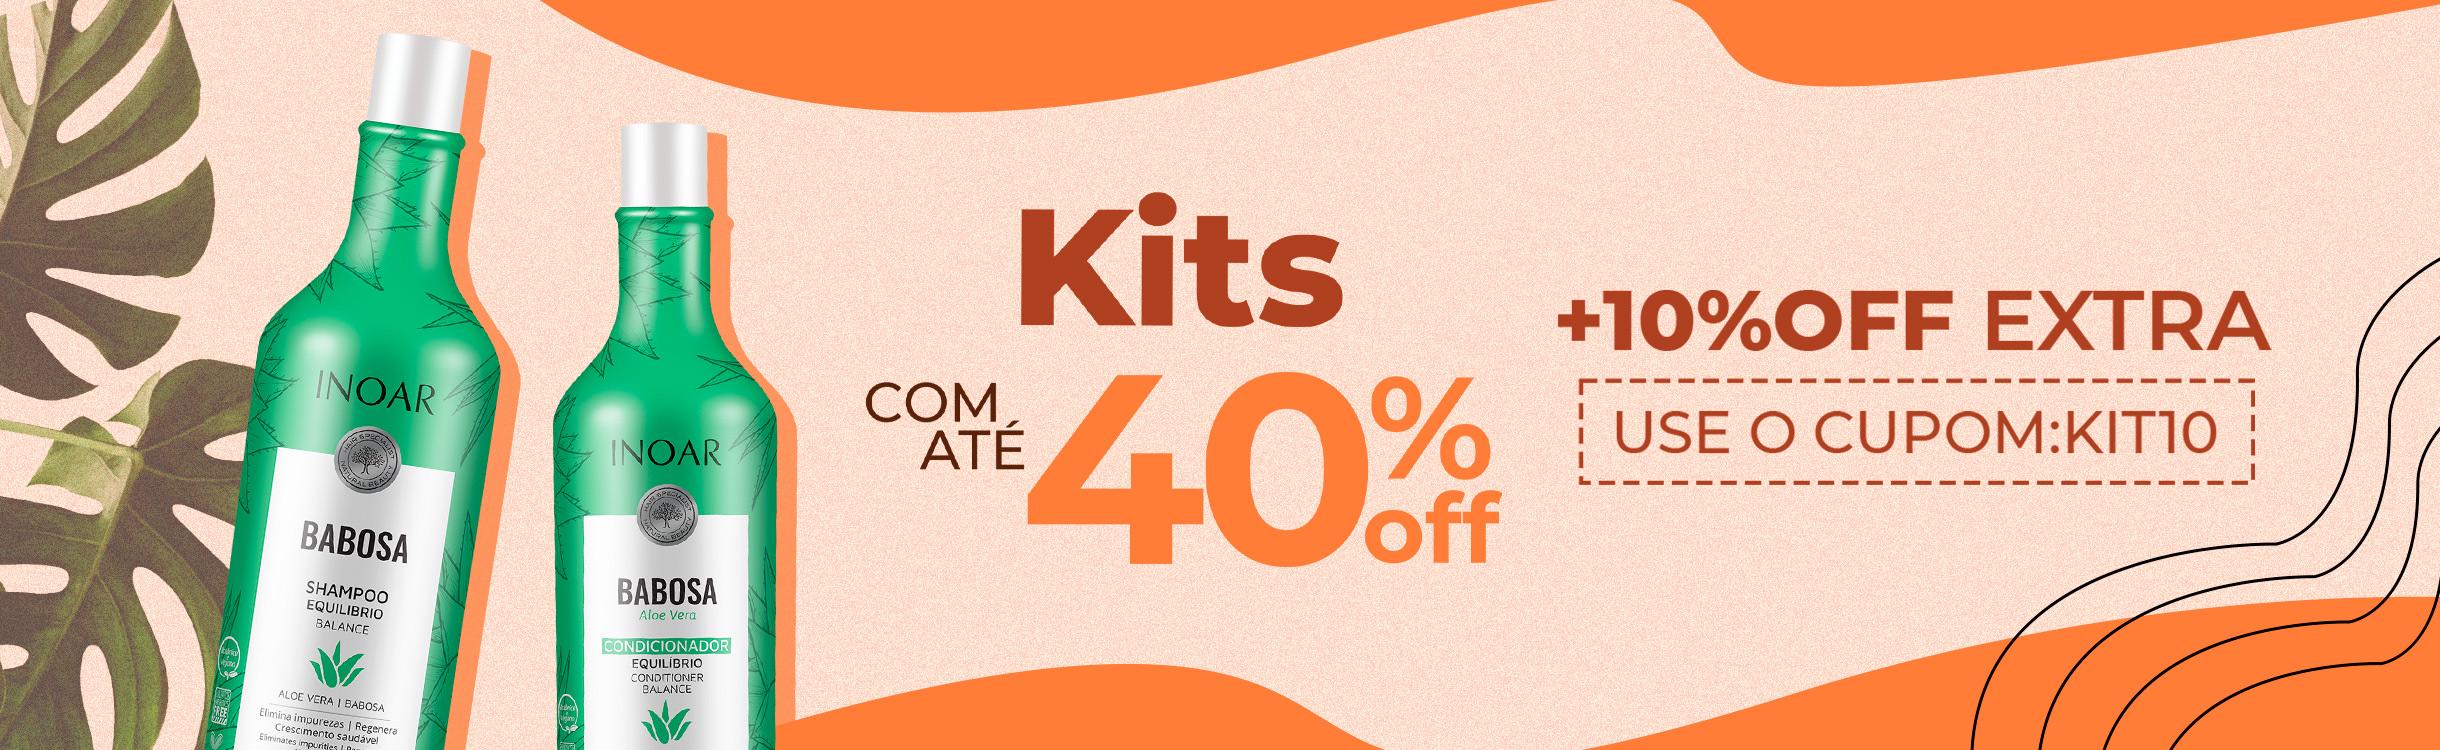 Kits com até 40%OFF